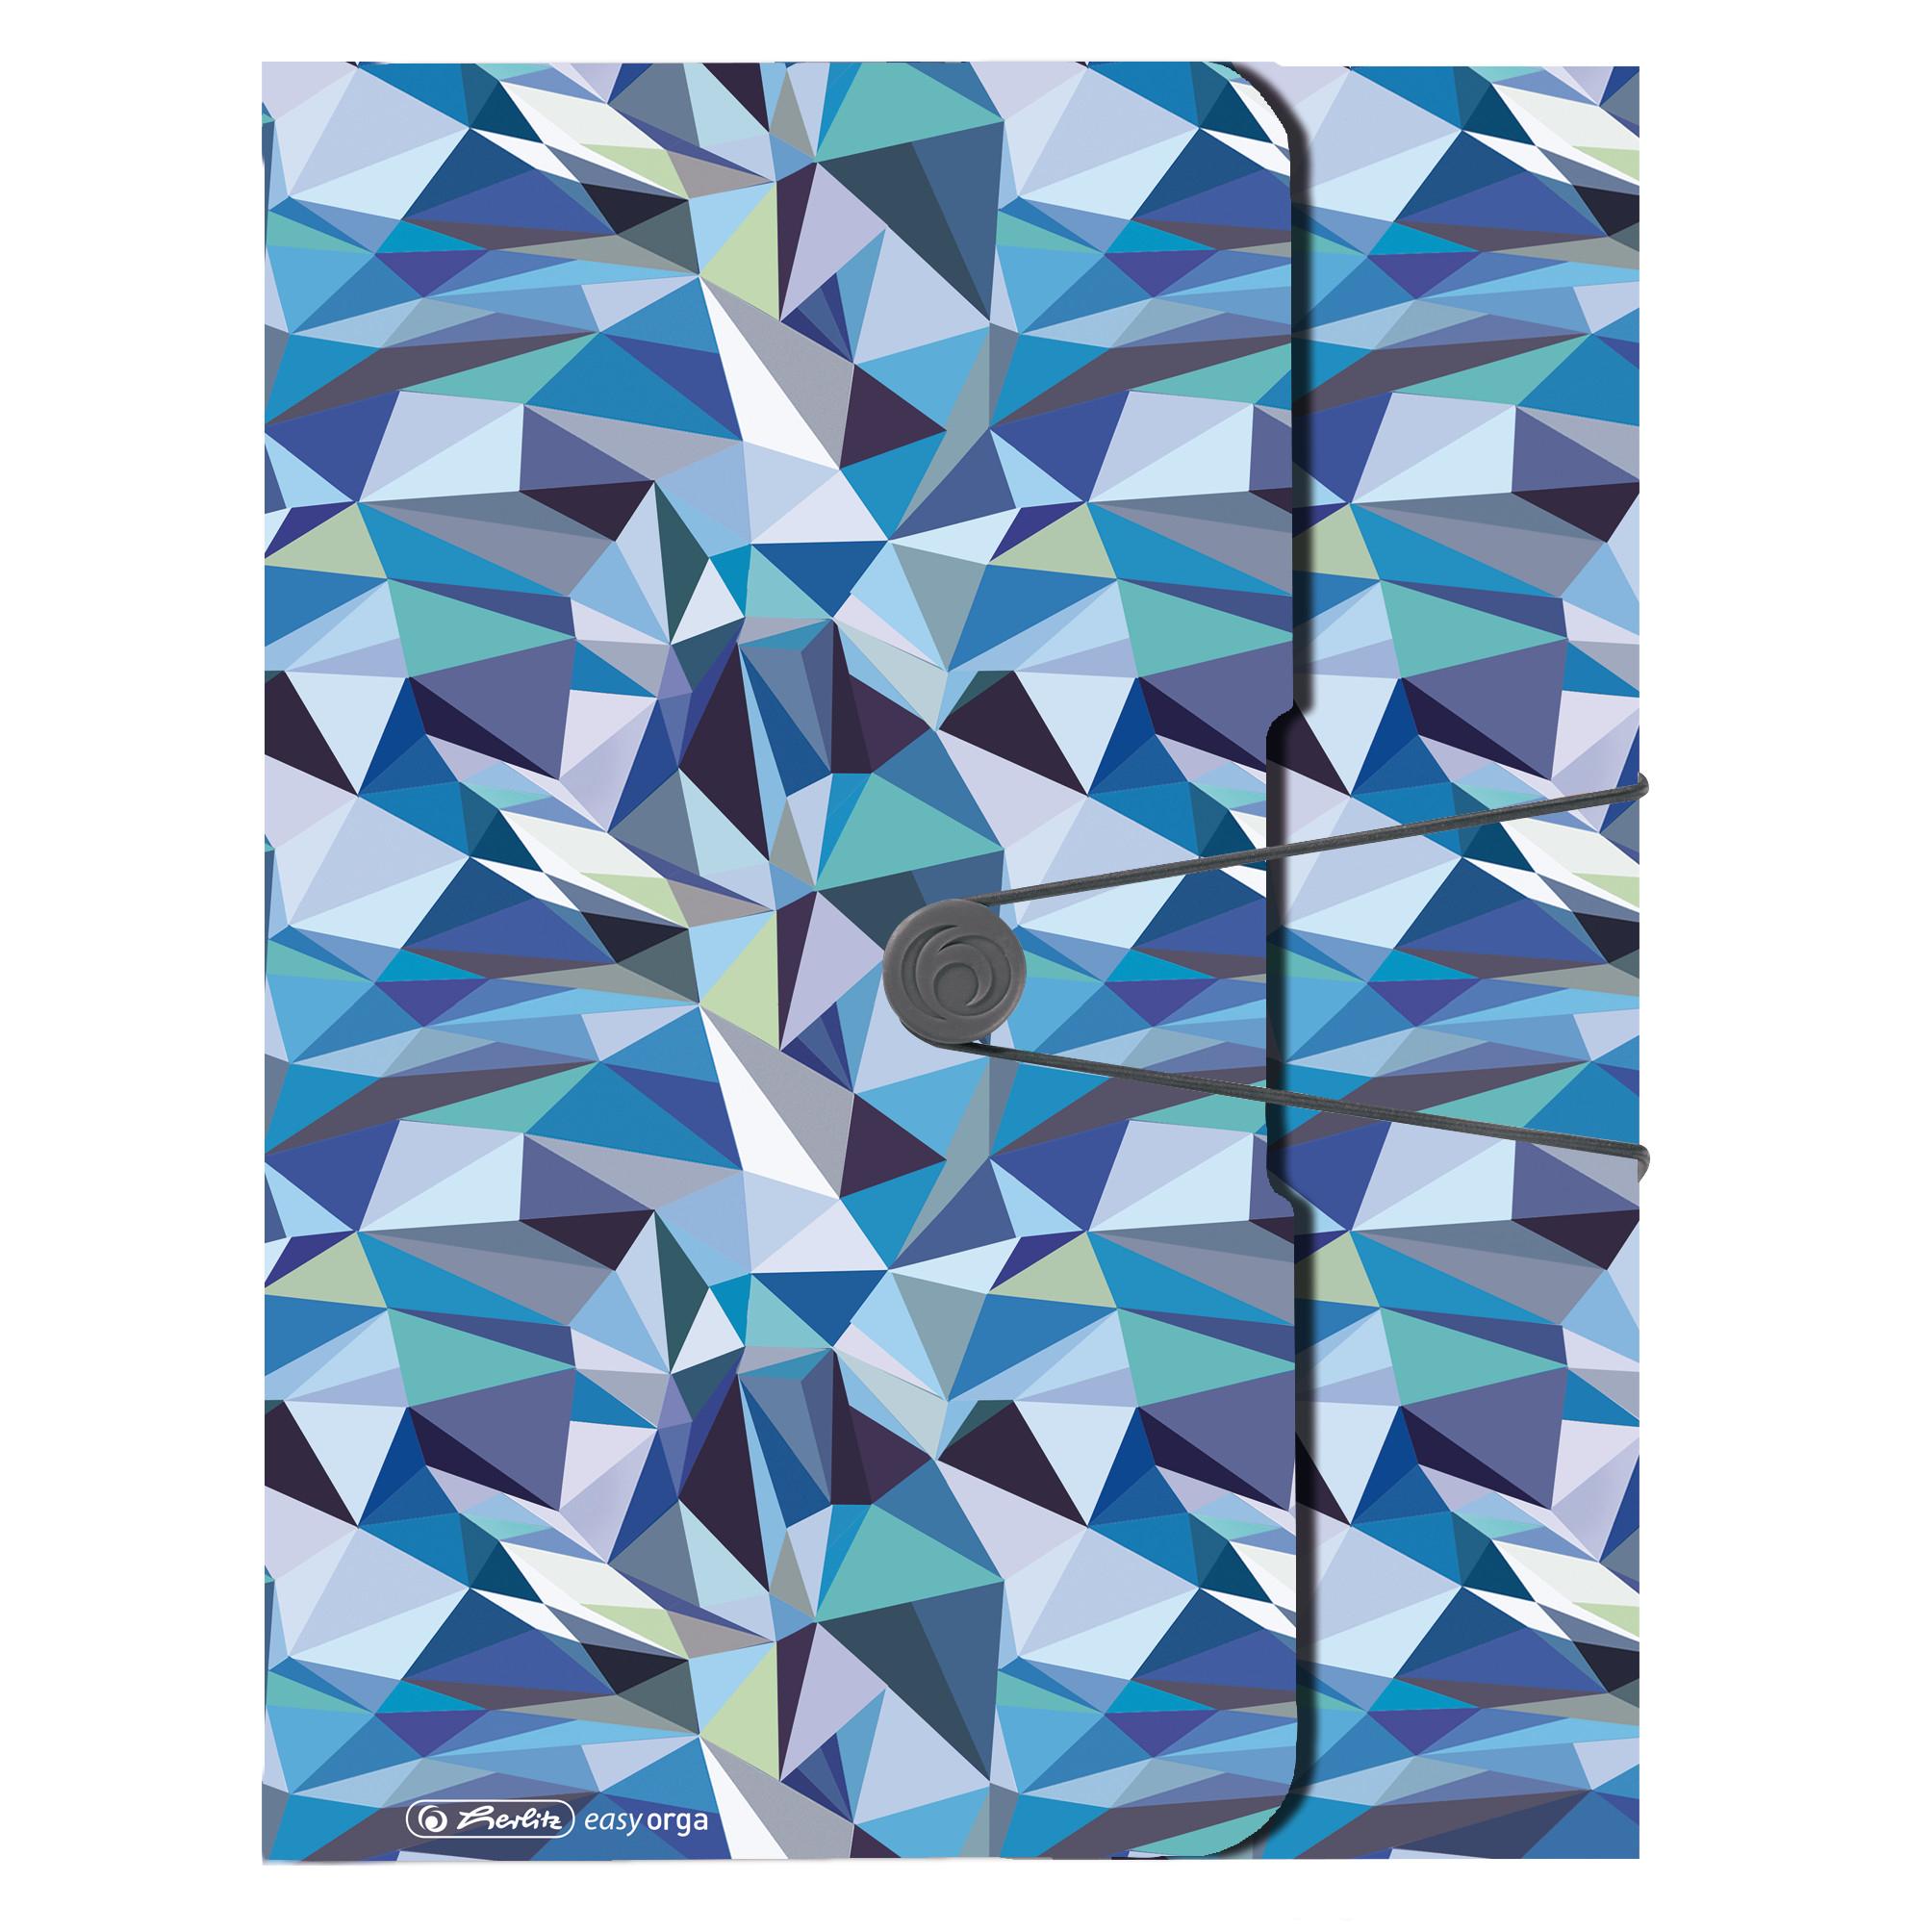 Vorschau: Herlitz 50027347 - A4 - Polypropylen (PP) - Blau - Landschaftsportrait - 4 cm - Gummiband